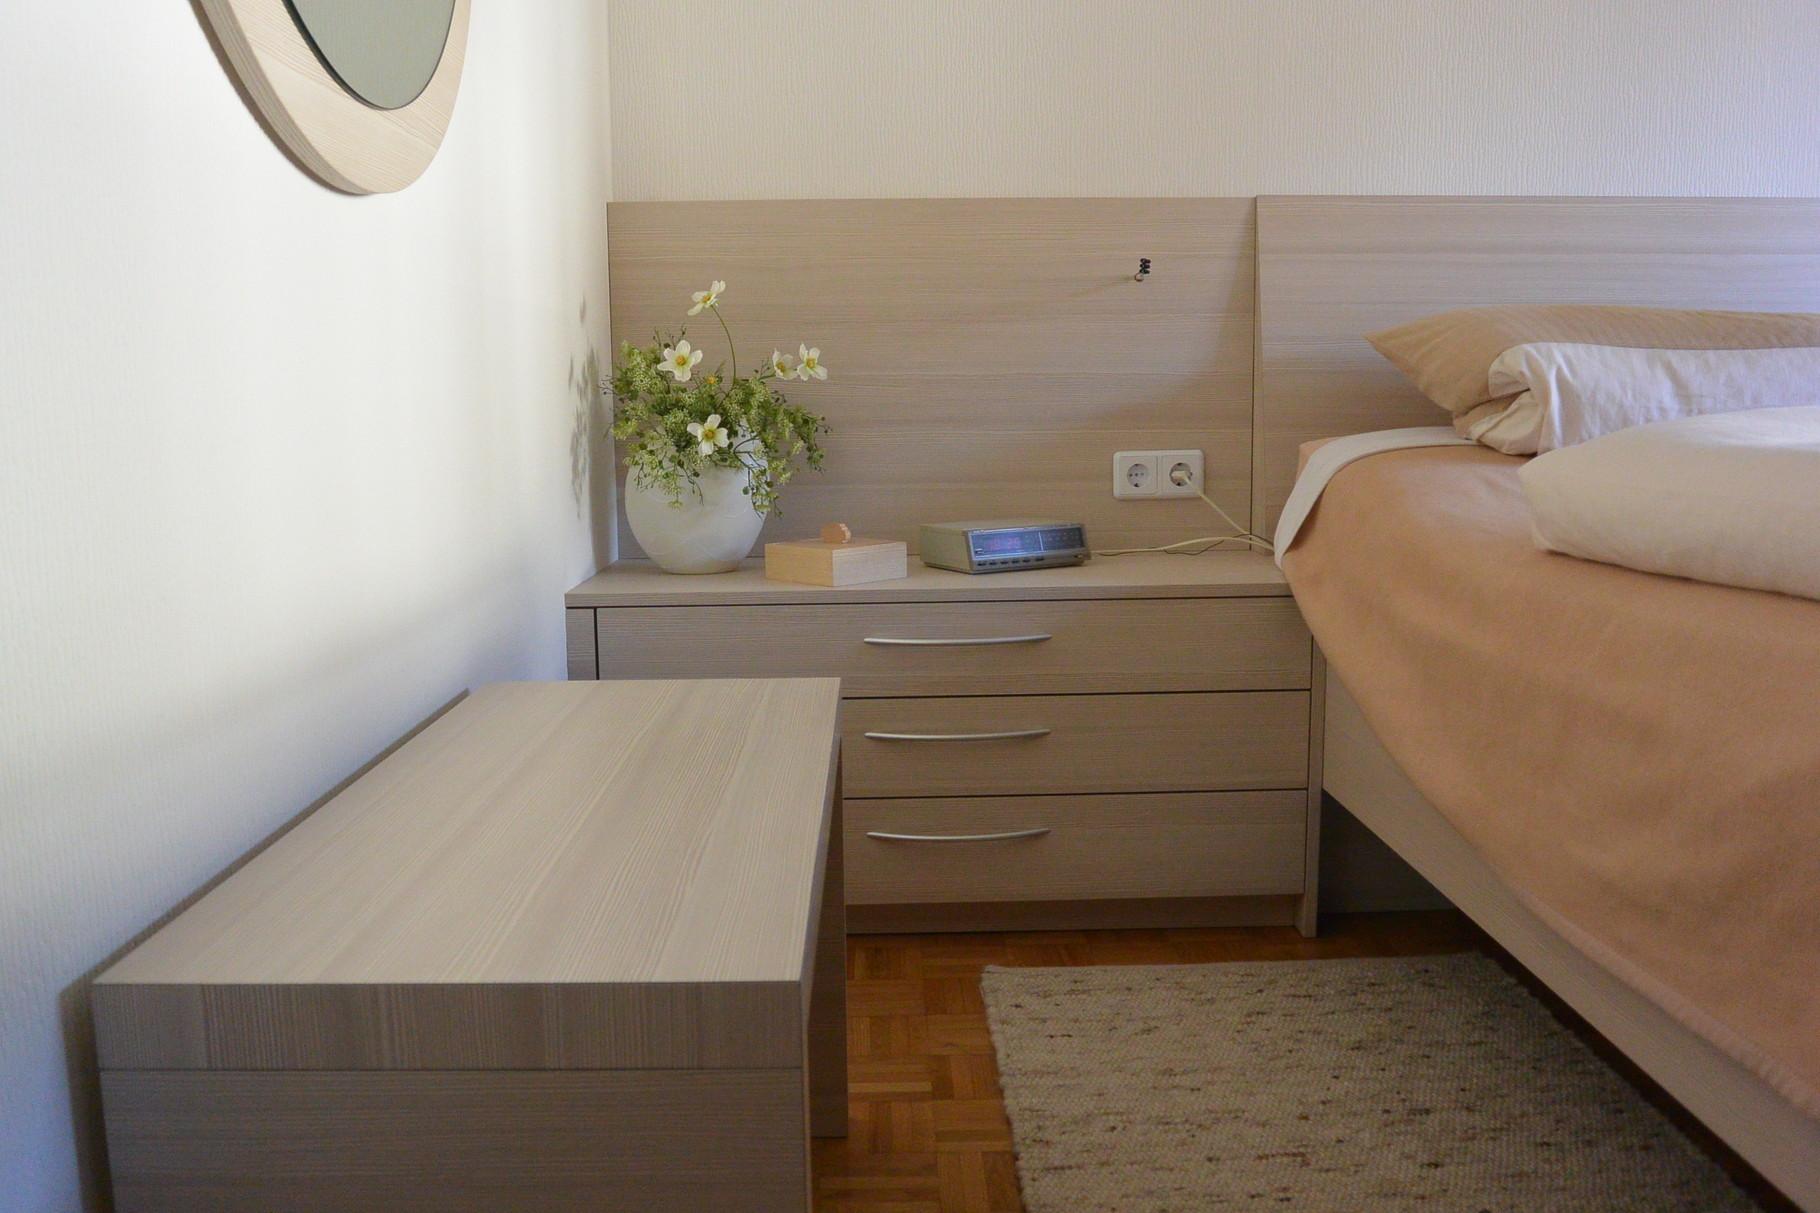 Full Size of Bett 140x200 Günstig Weißes 90x200 Halbhohes Billige Betten Komforthöhe Himmel Bei Ikea Außergewöhnliche Wickelbrett Für 180x200 Leander Konfigurieren Bett Erhöhtes Bett